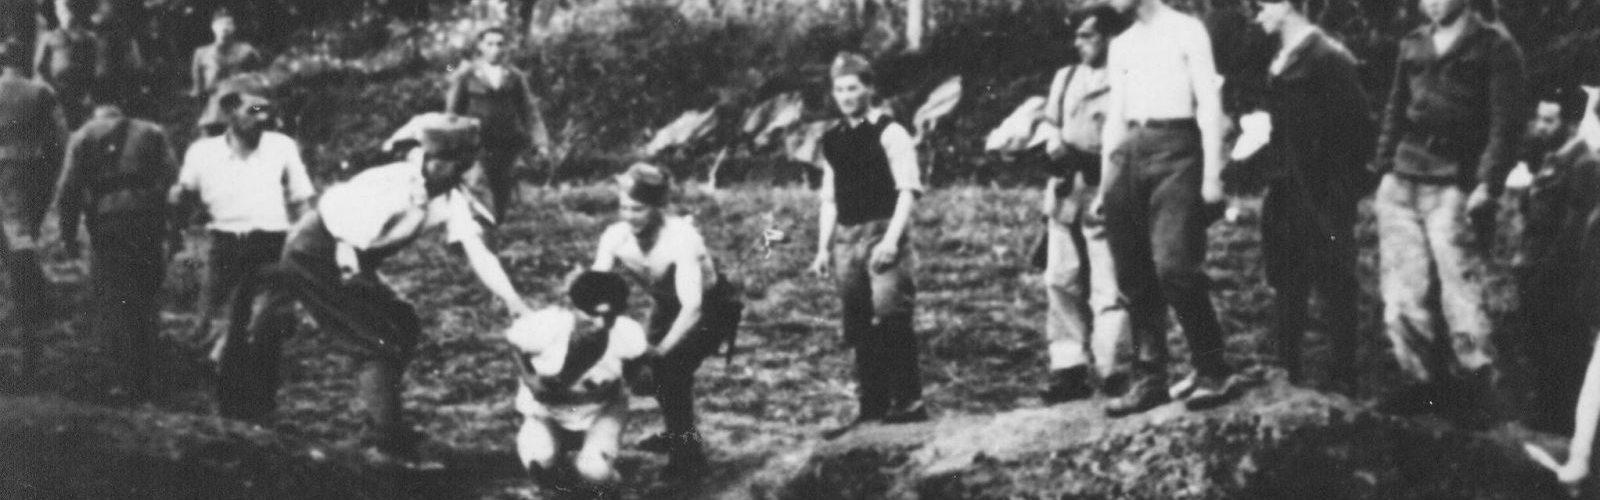 ustašovci vraždiaci väzňov jasenovac